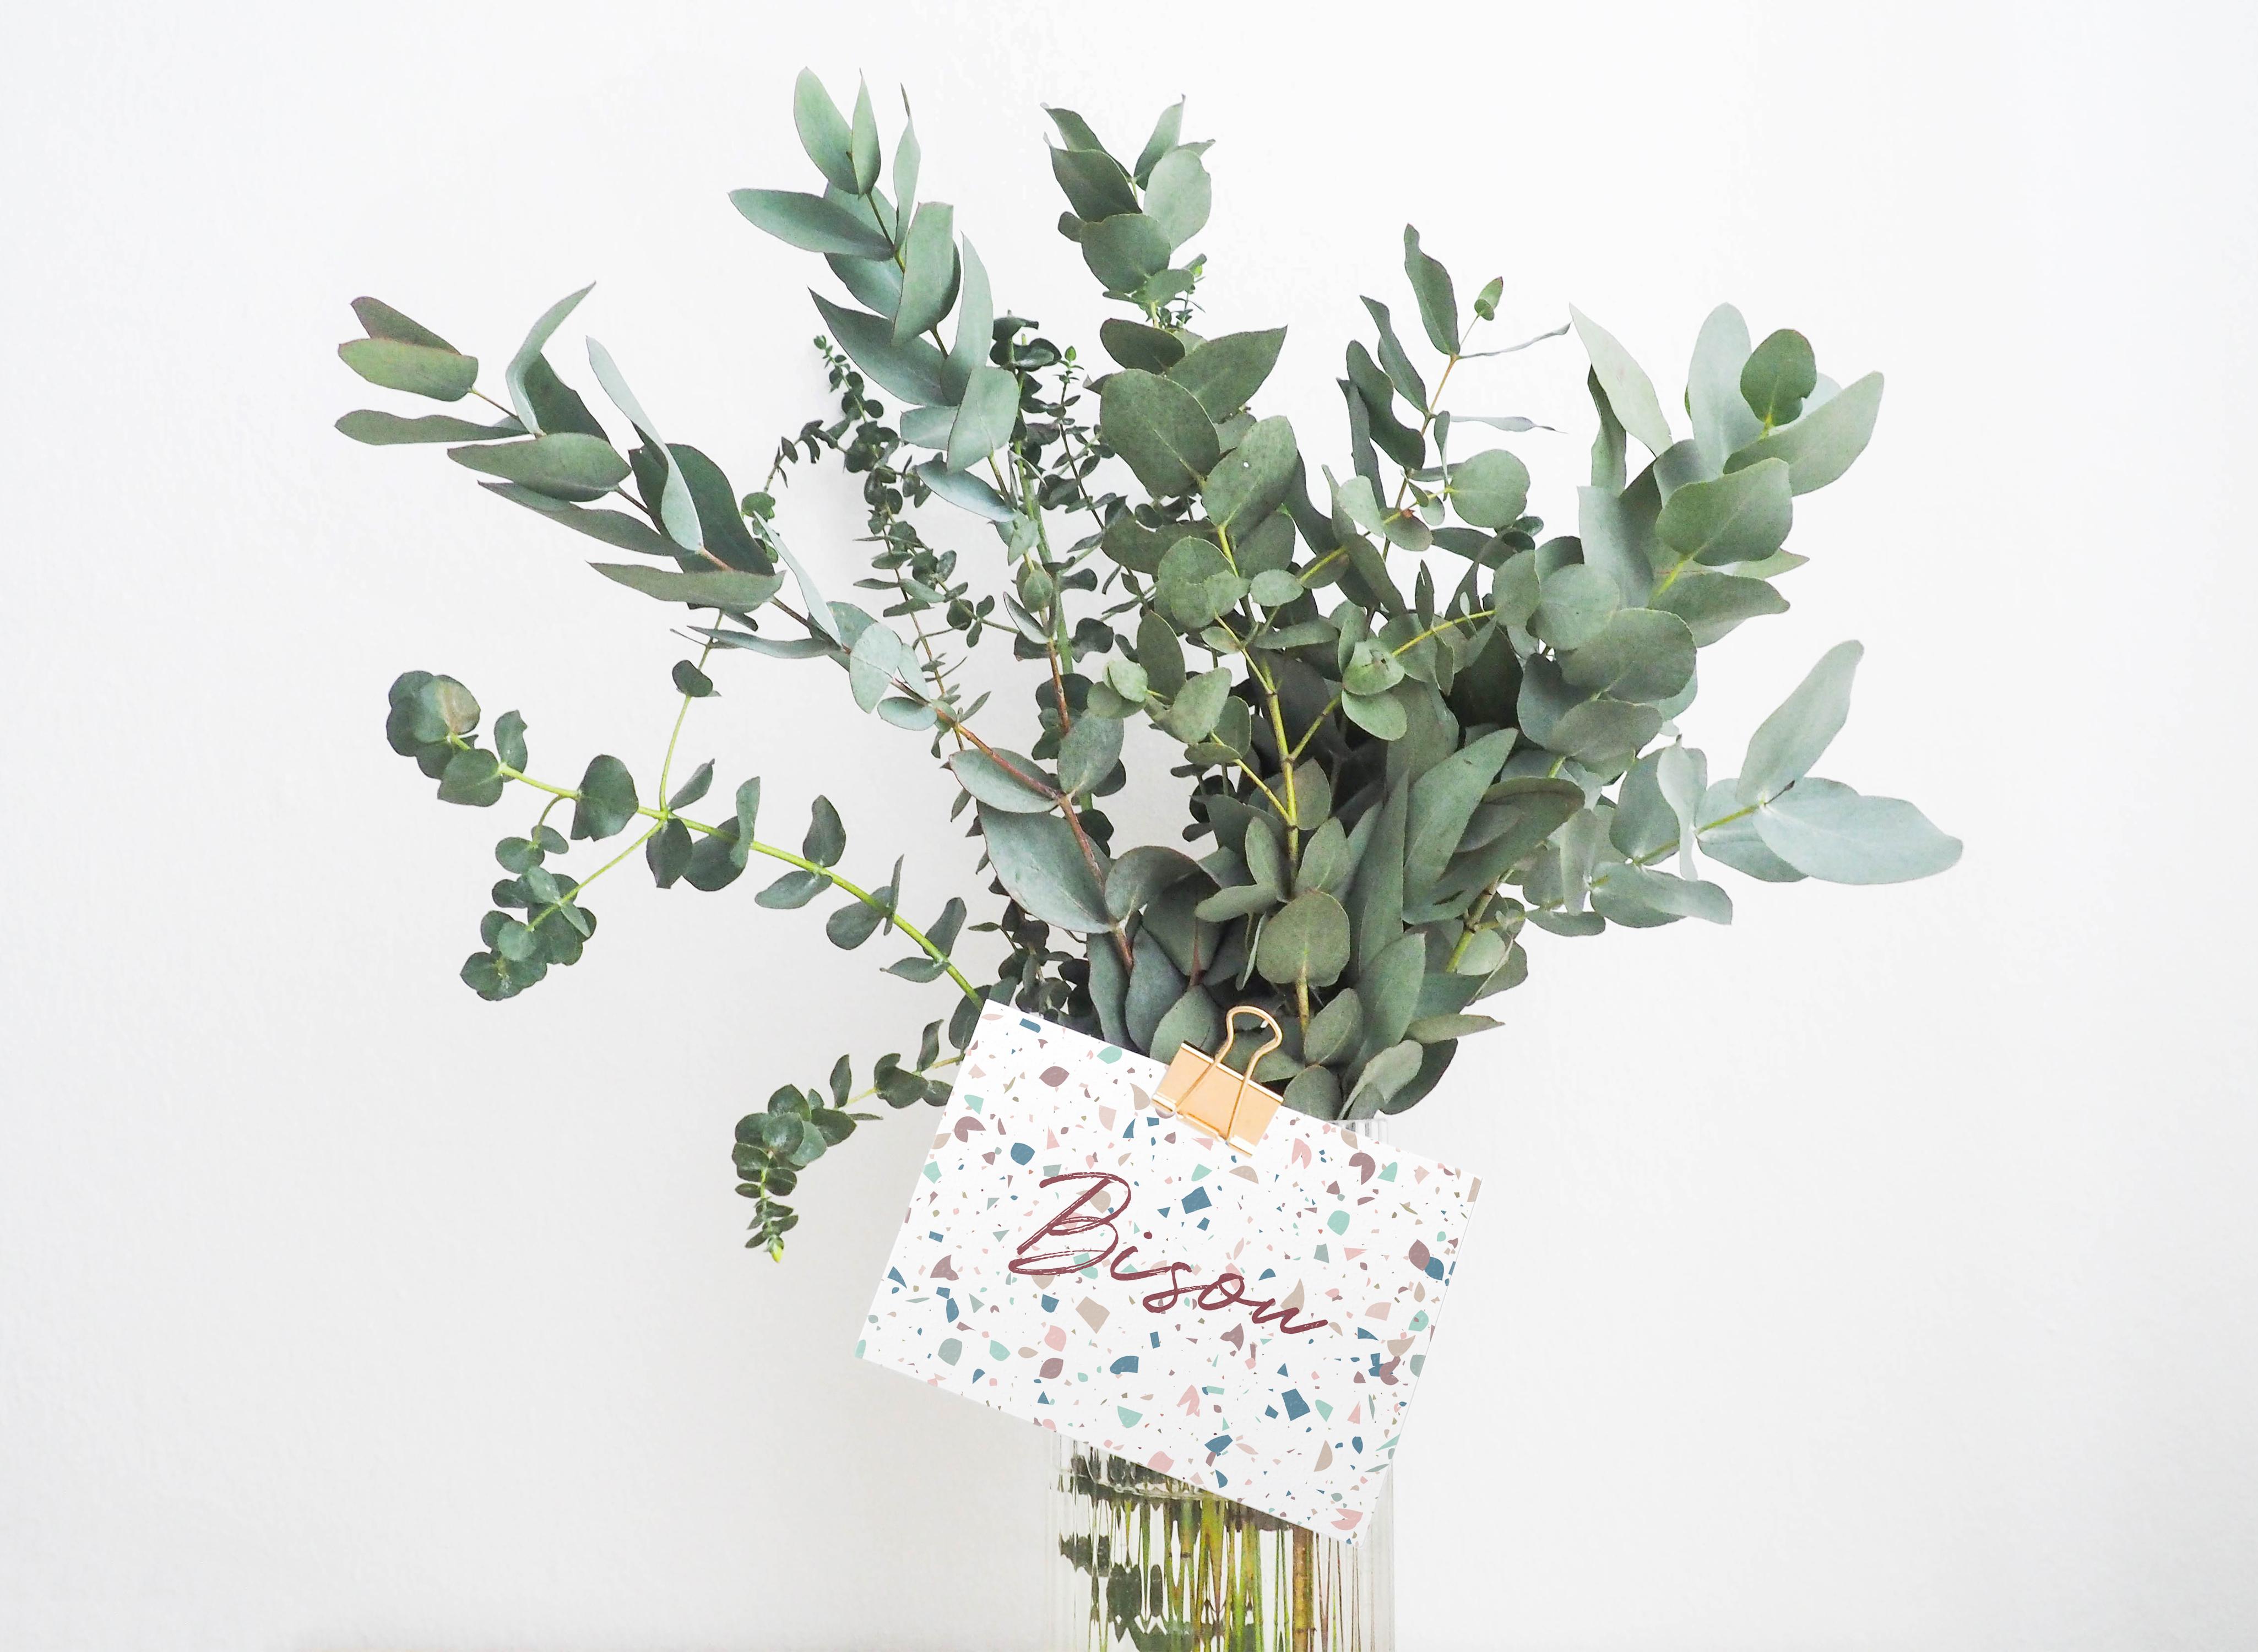 carte postale Bisou avec bouquet de branches d'eucalyptus